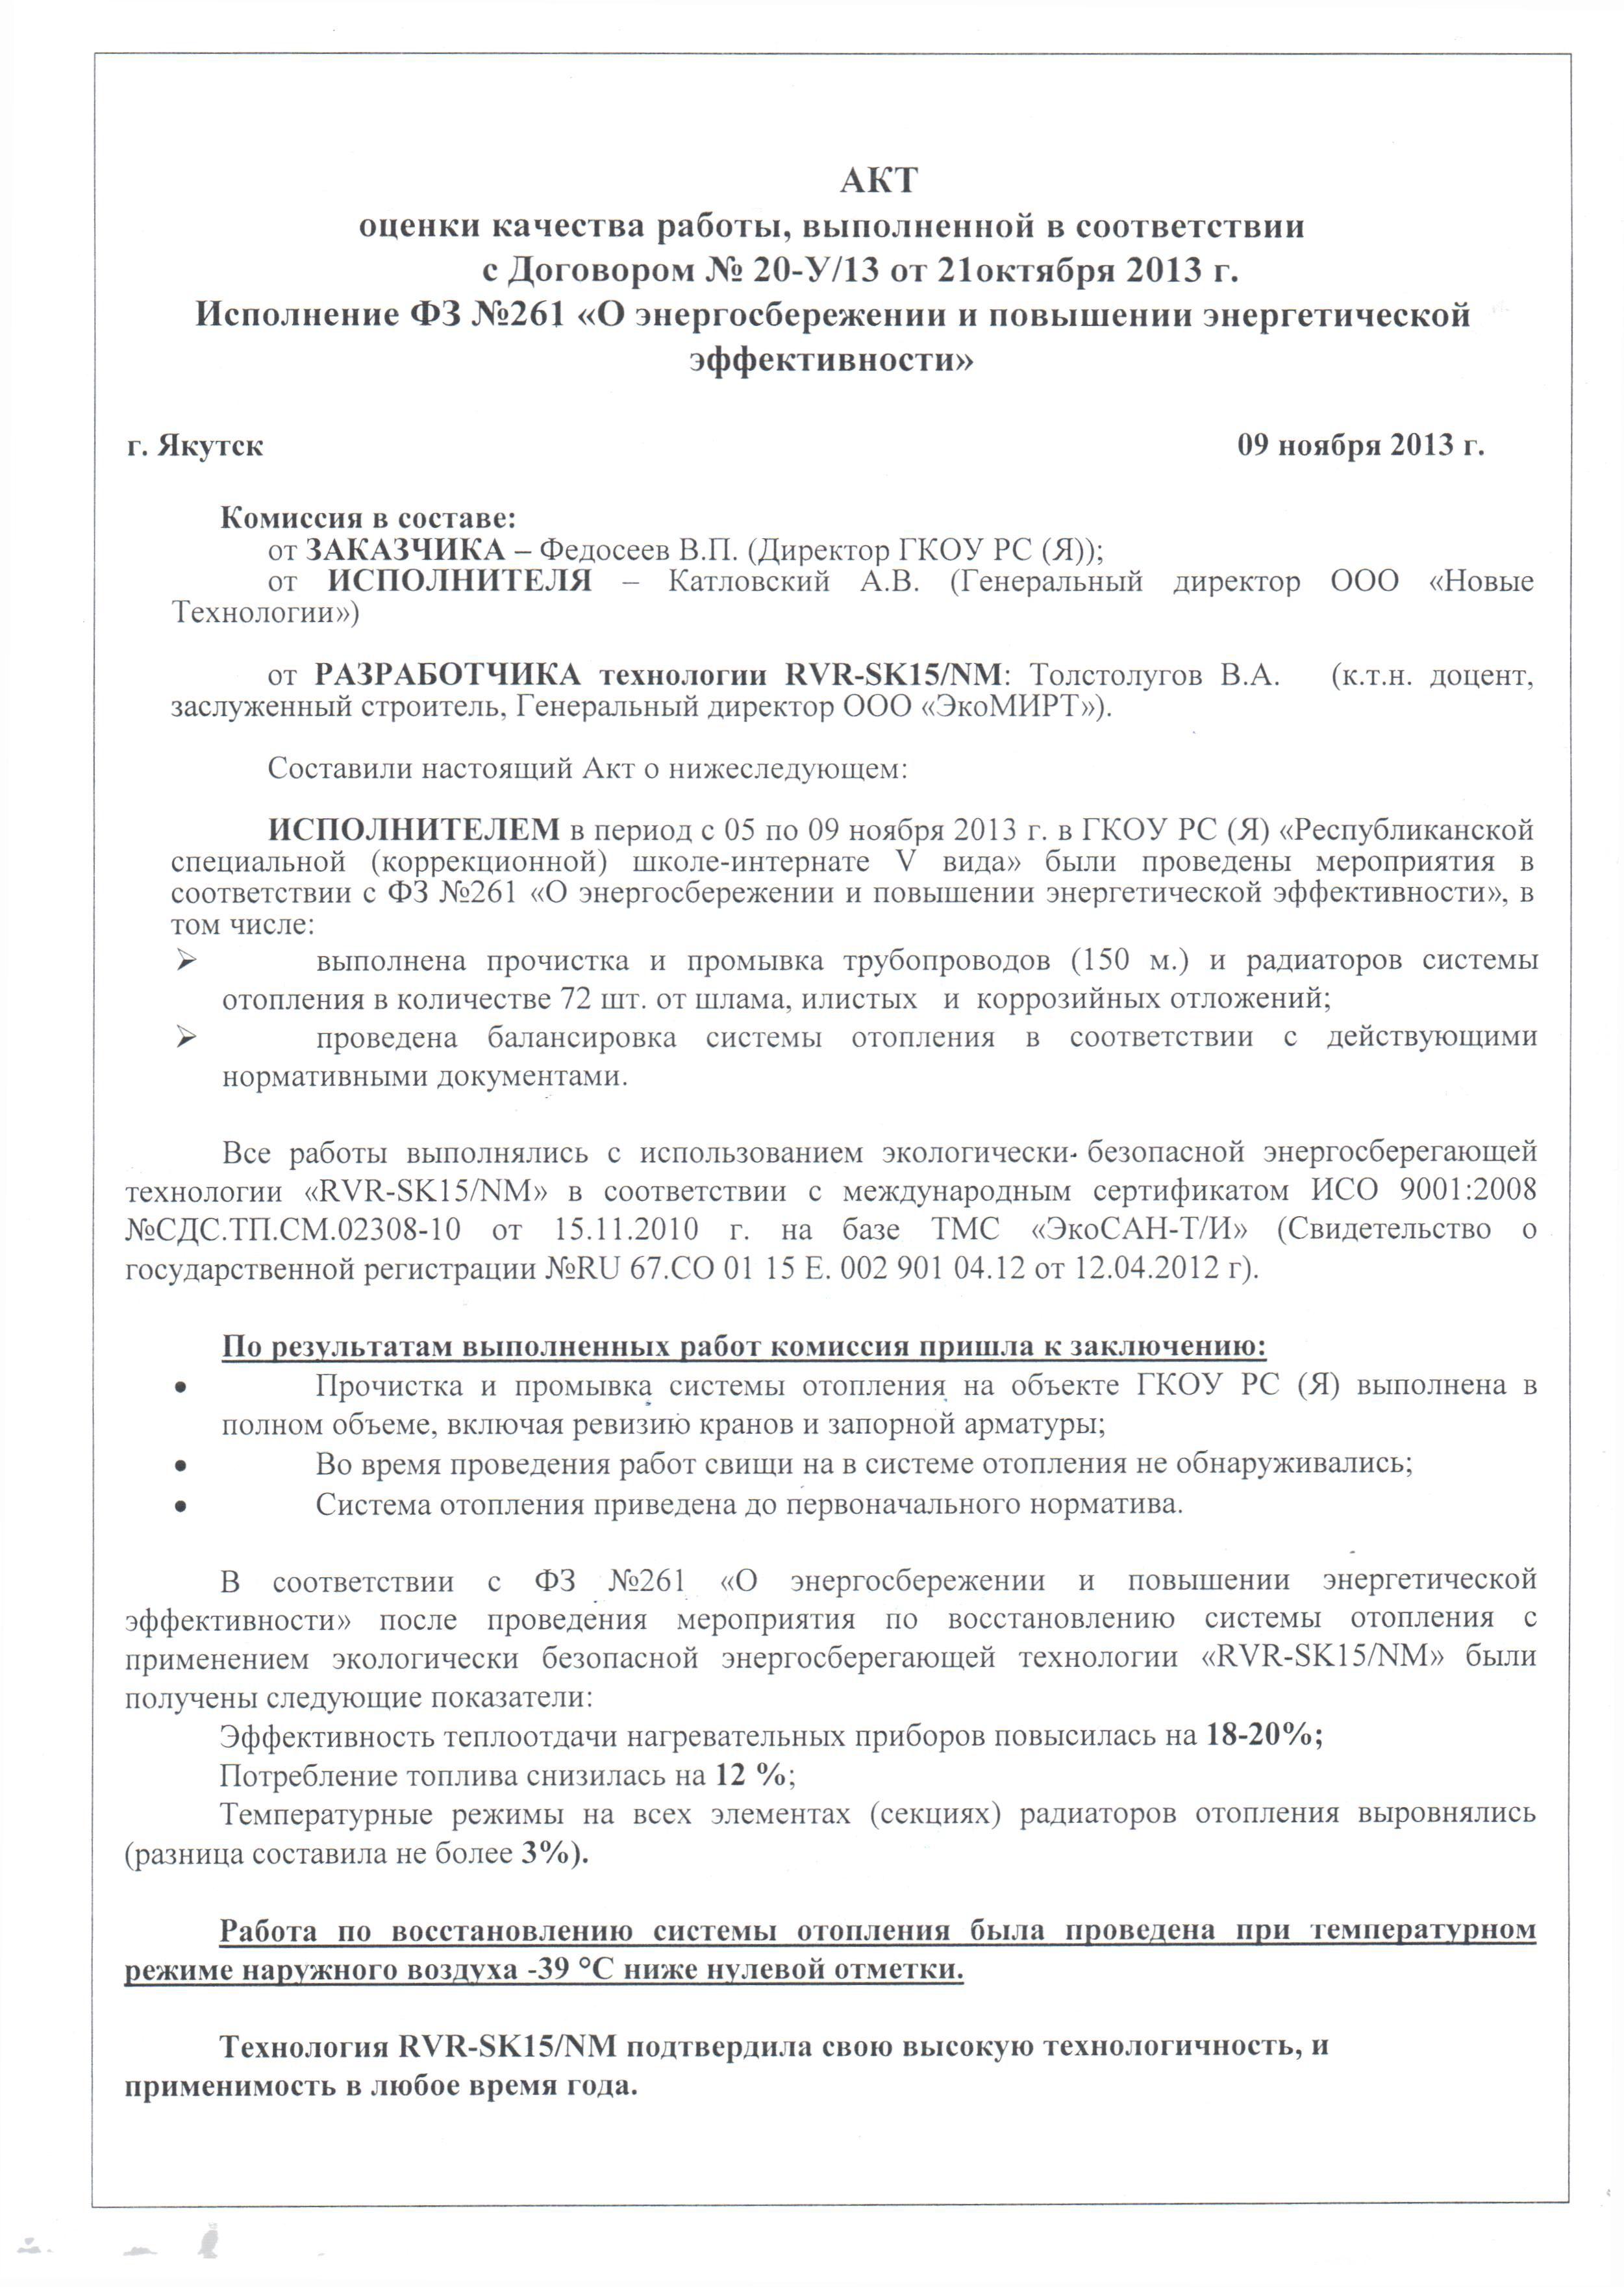 Росжилкоммунсертификация по ярославской области сертификация ветеринарной вакцины